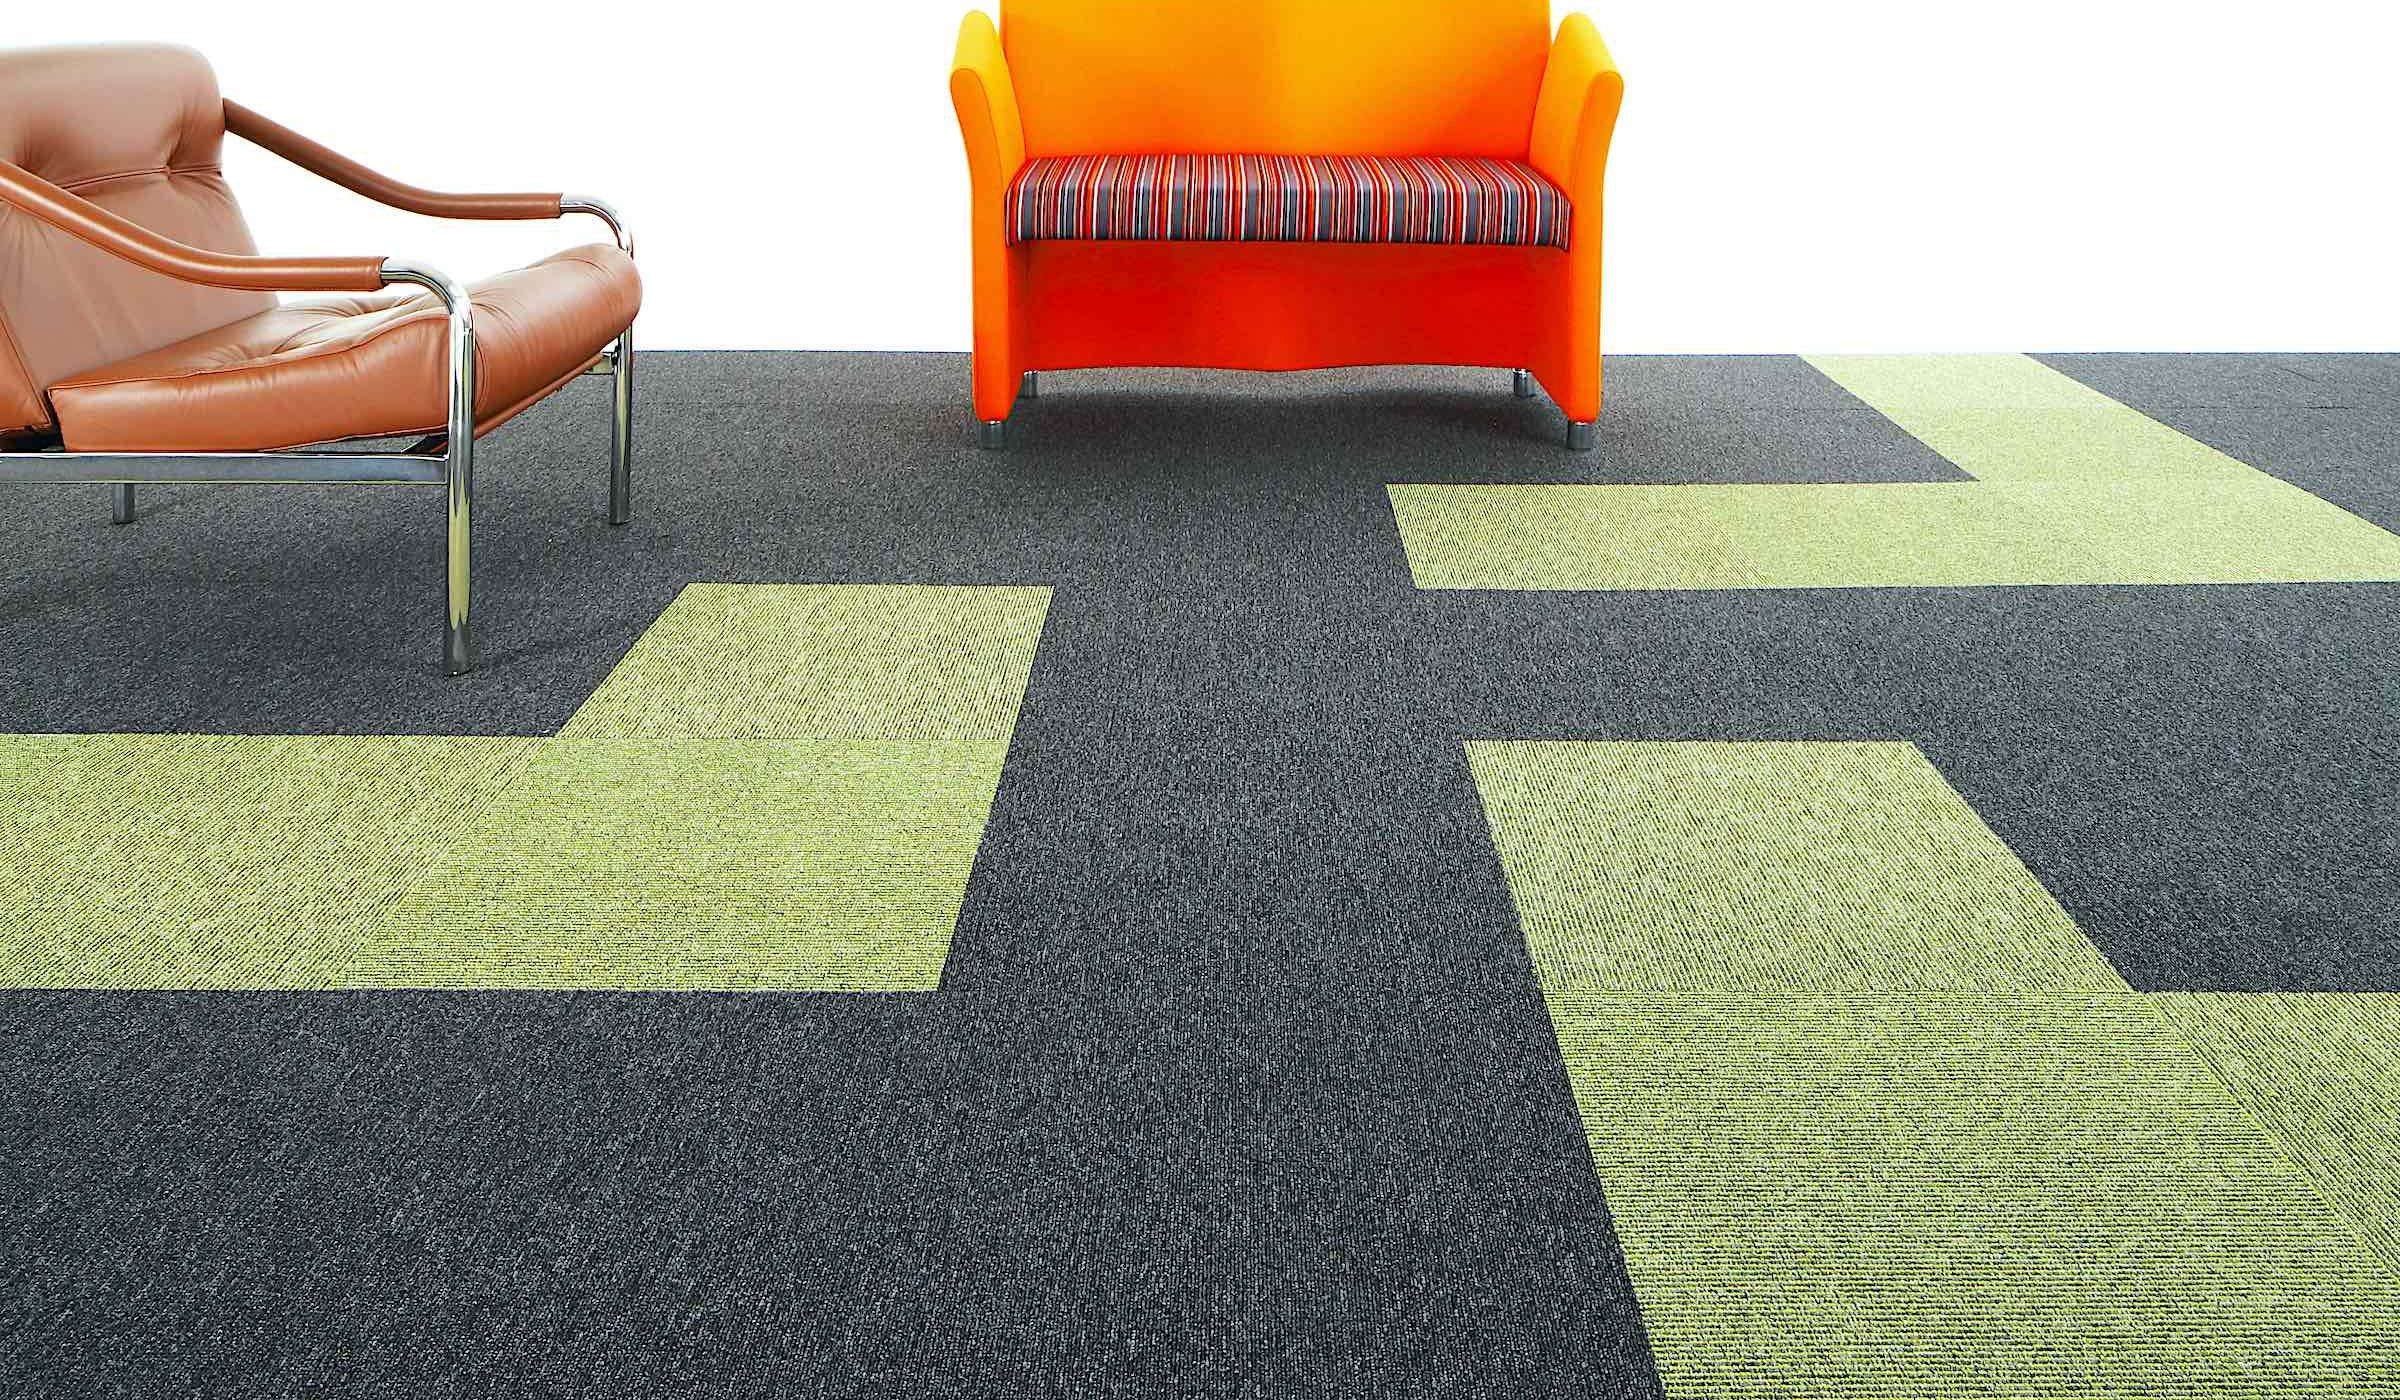 Macaw Stripe   Paragon Carpet Tiles   Commercial Carpet Tiles   Design Carpet Tiles 1